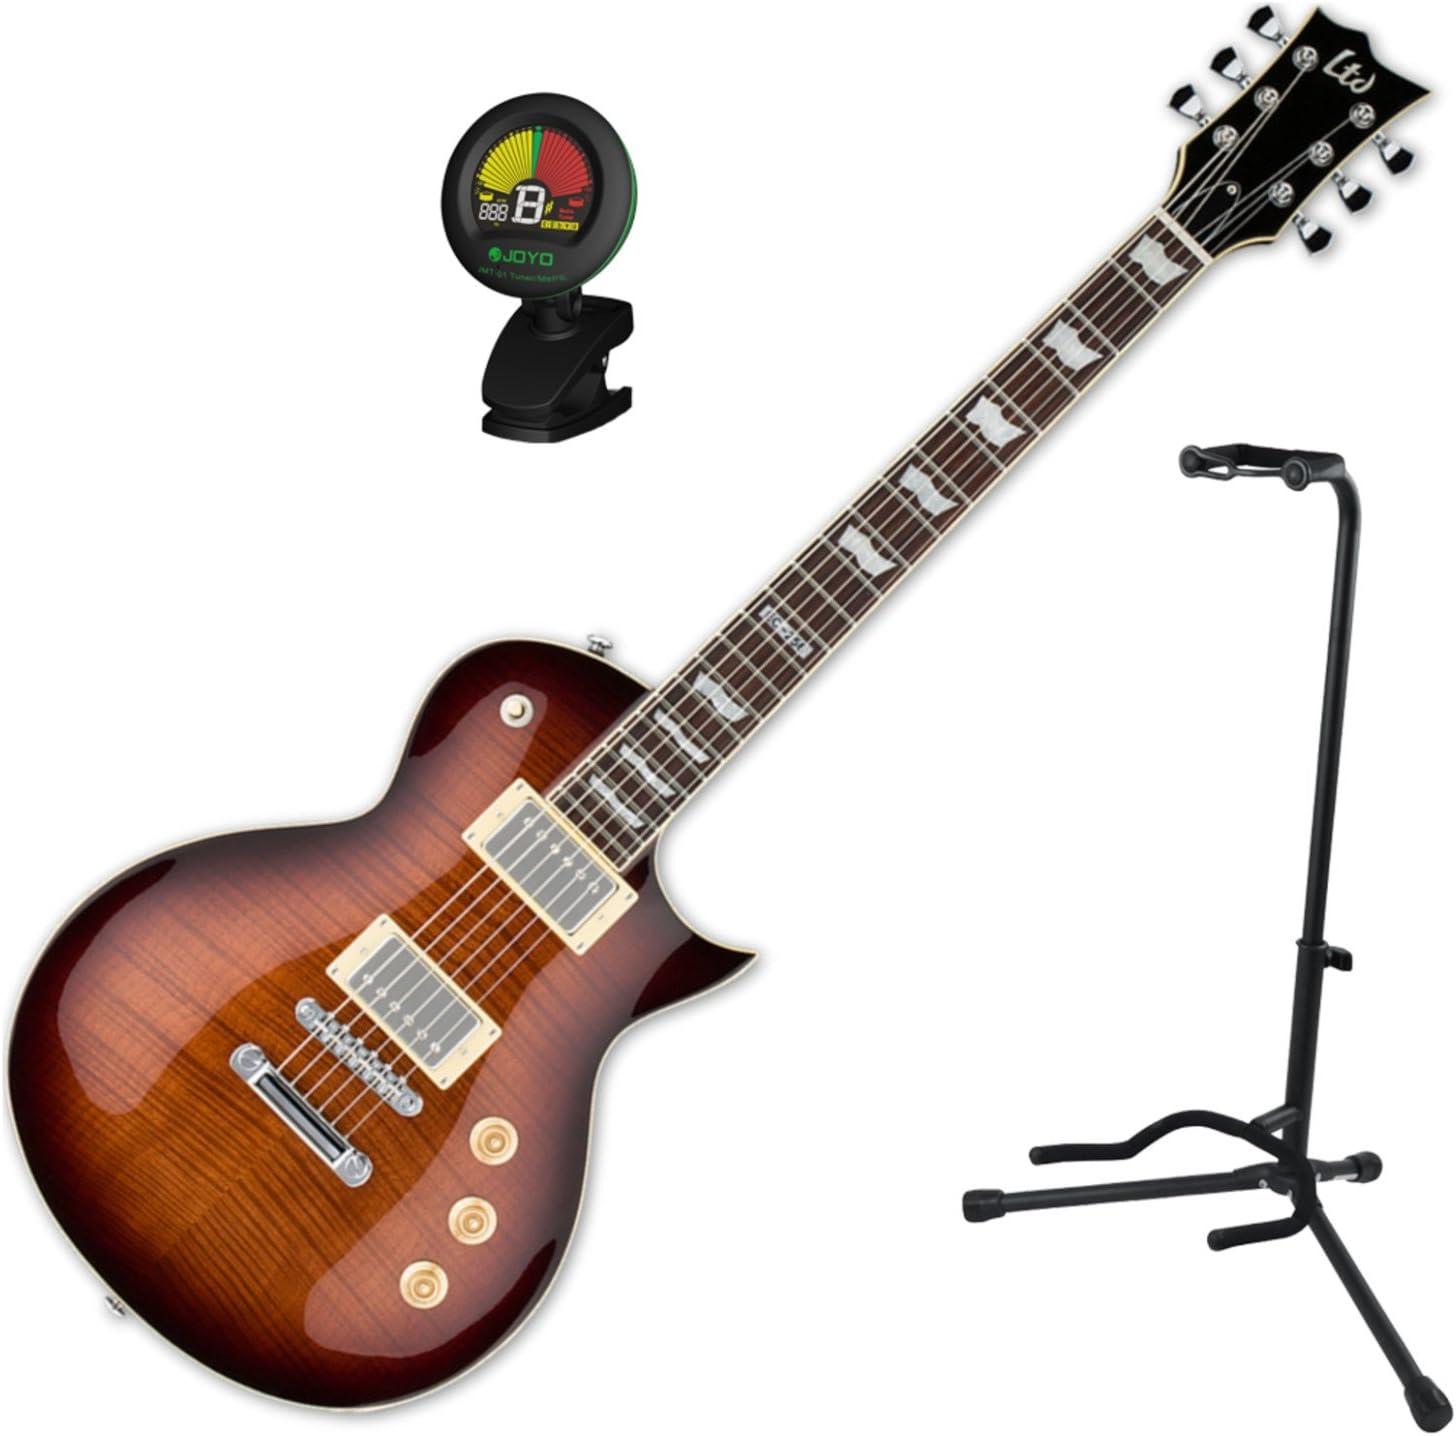 Esp EC-256 FM DBSB guitarra eléctrica w/stand y sintonizador: Amazon.es: Instrumentos musicales